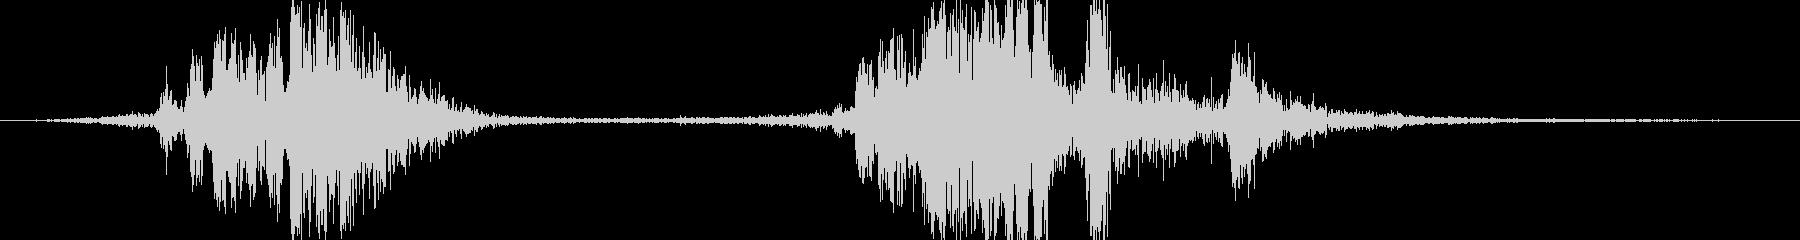 ショットガンやライフルのリロード音の未再生の波形